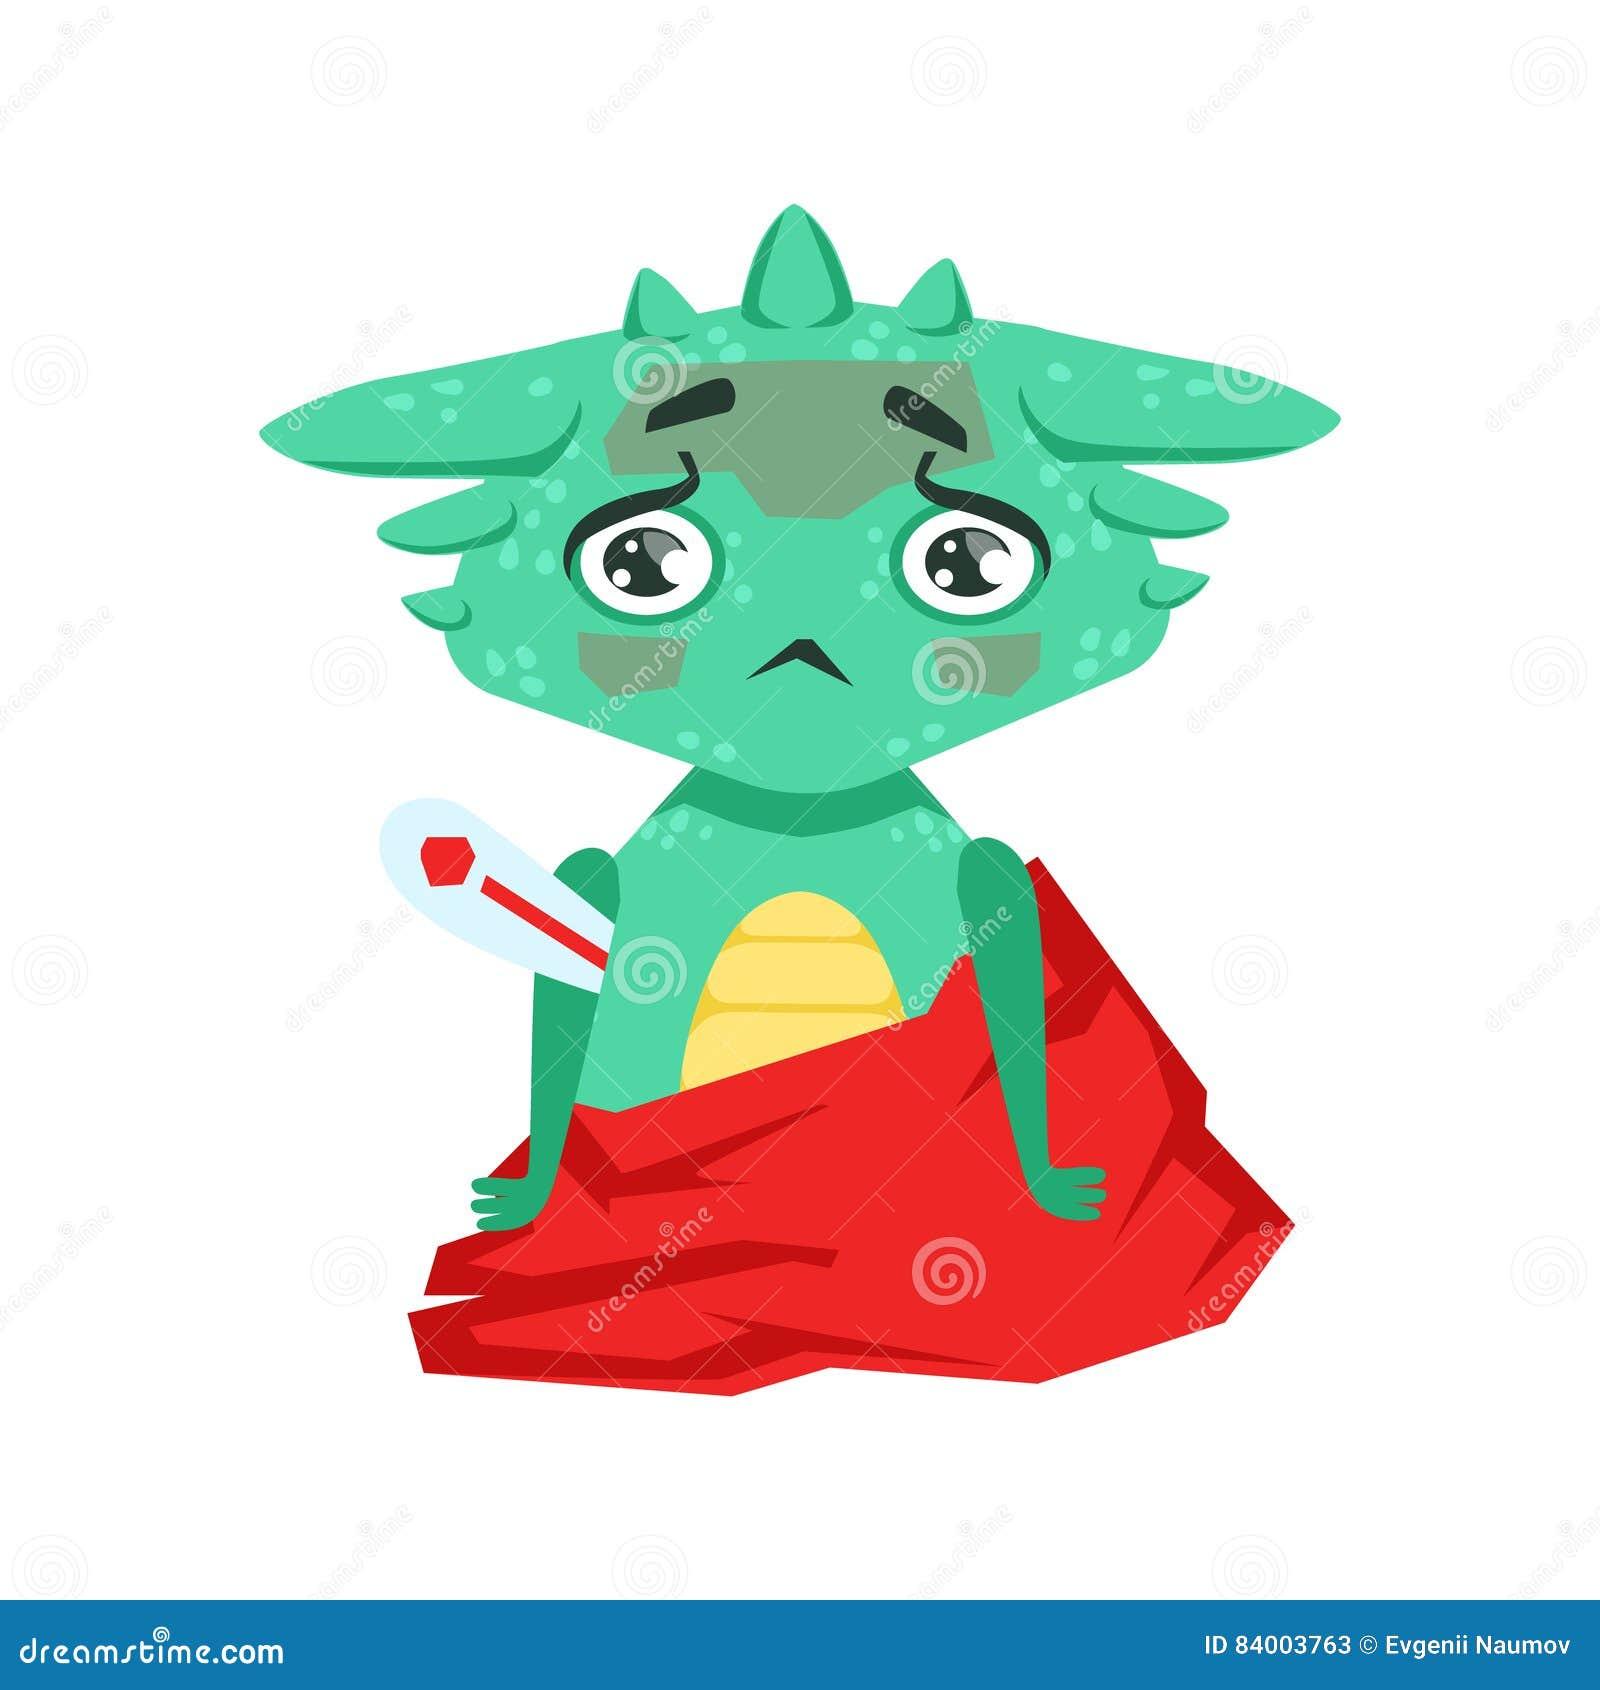 Weinig Anime-van het het Beeldverhaalkarakter van Dragon With Fever Feeling Sick van de Stijlbaby Illustratie van Emoji